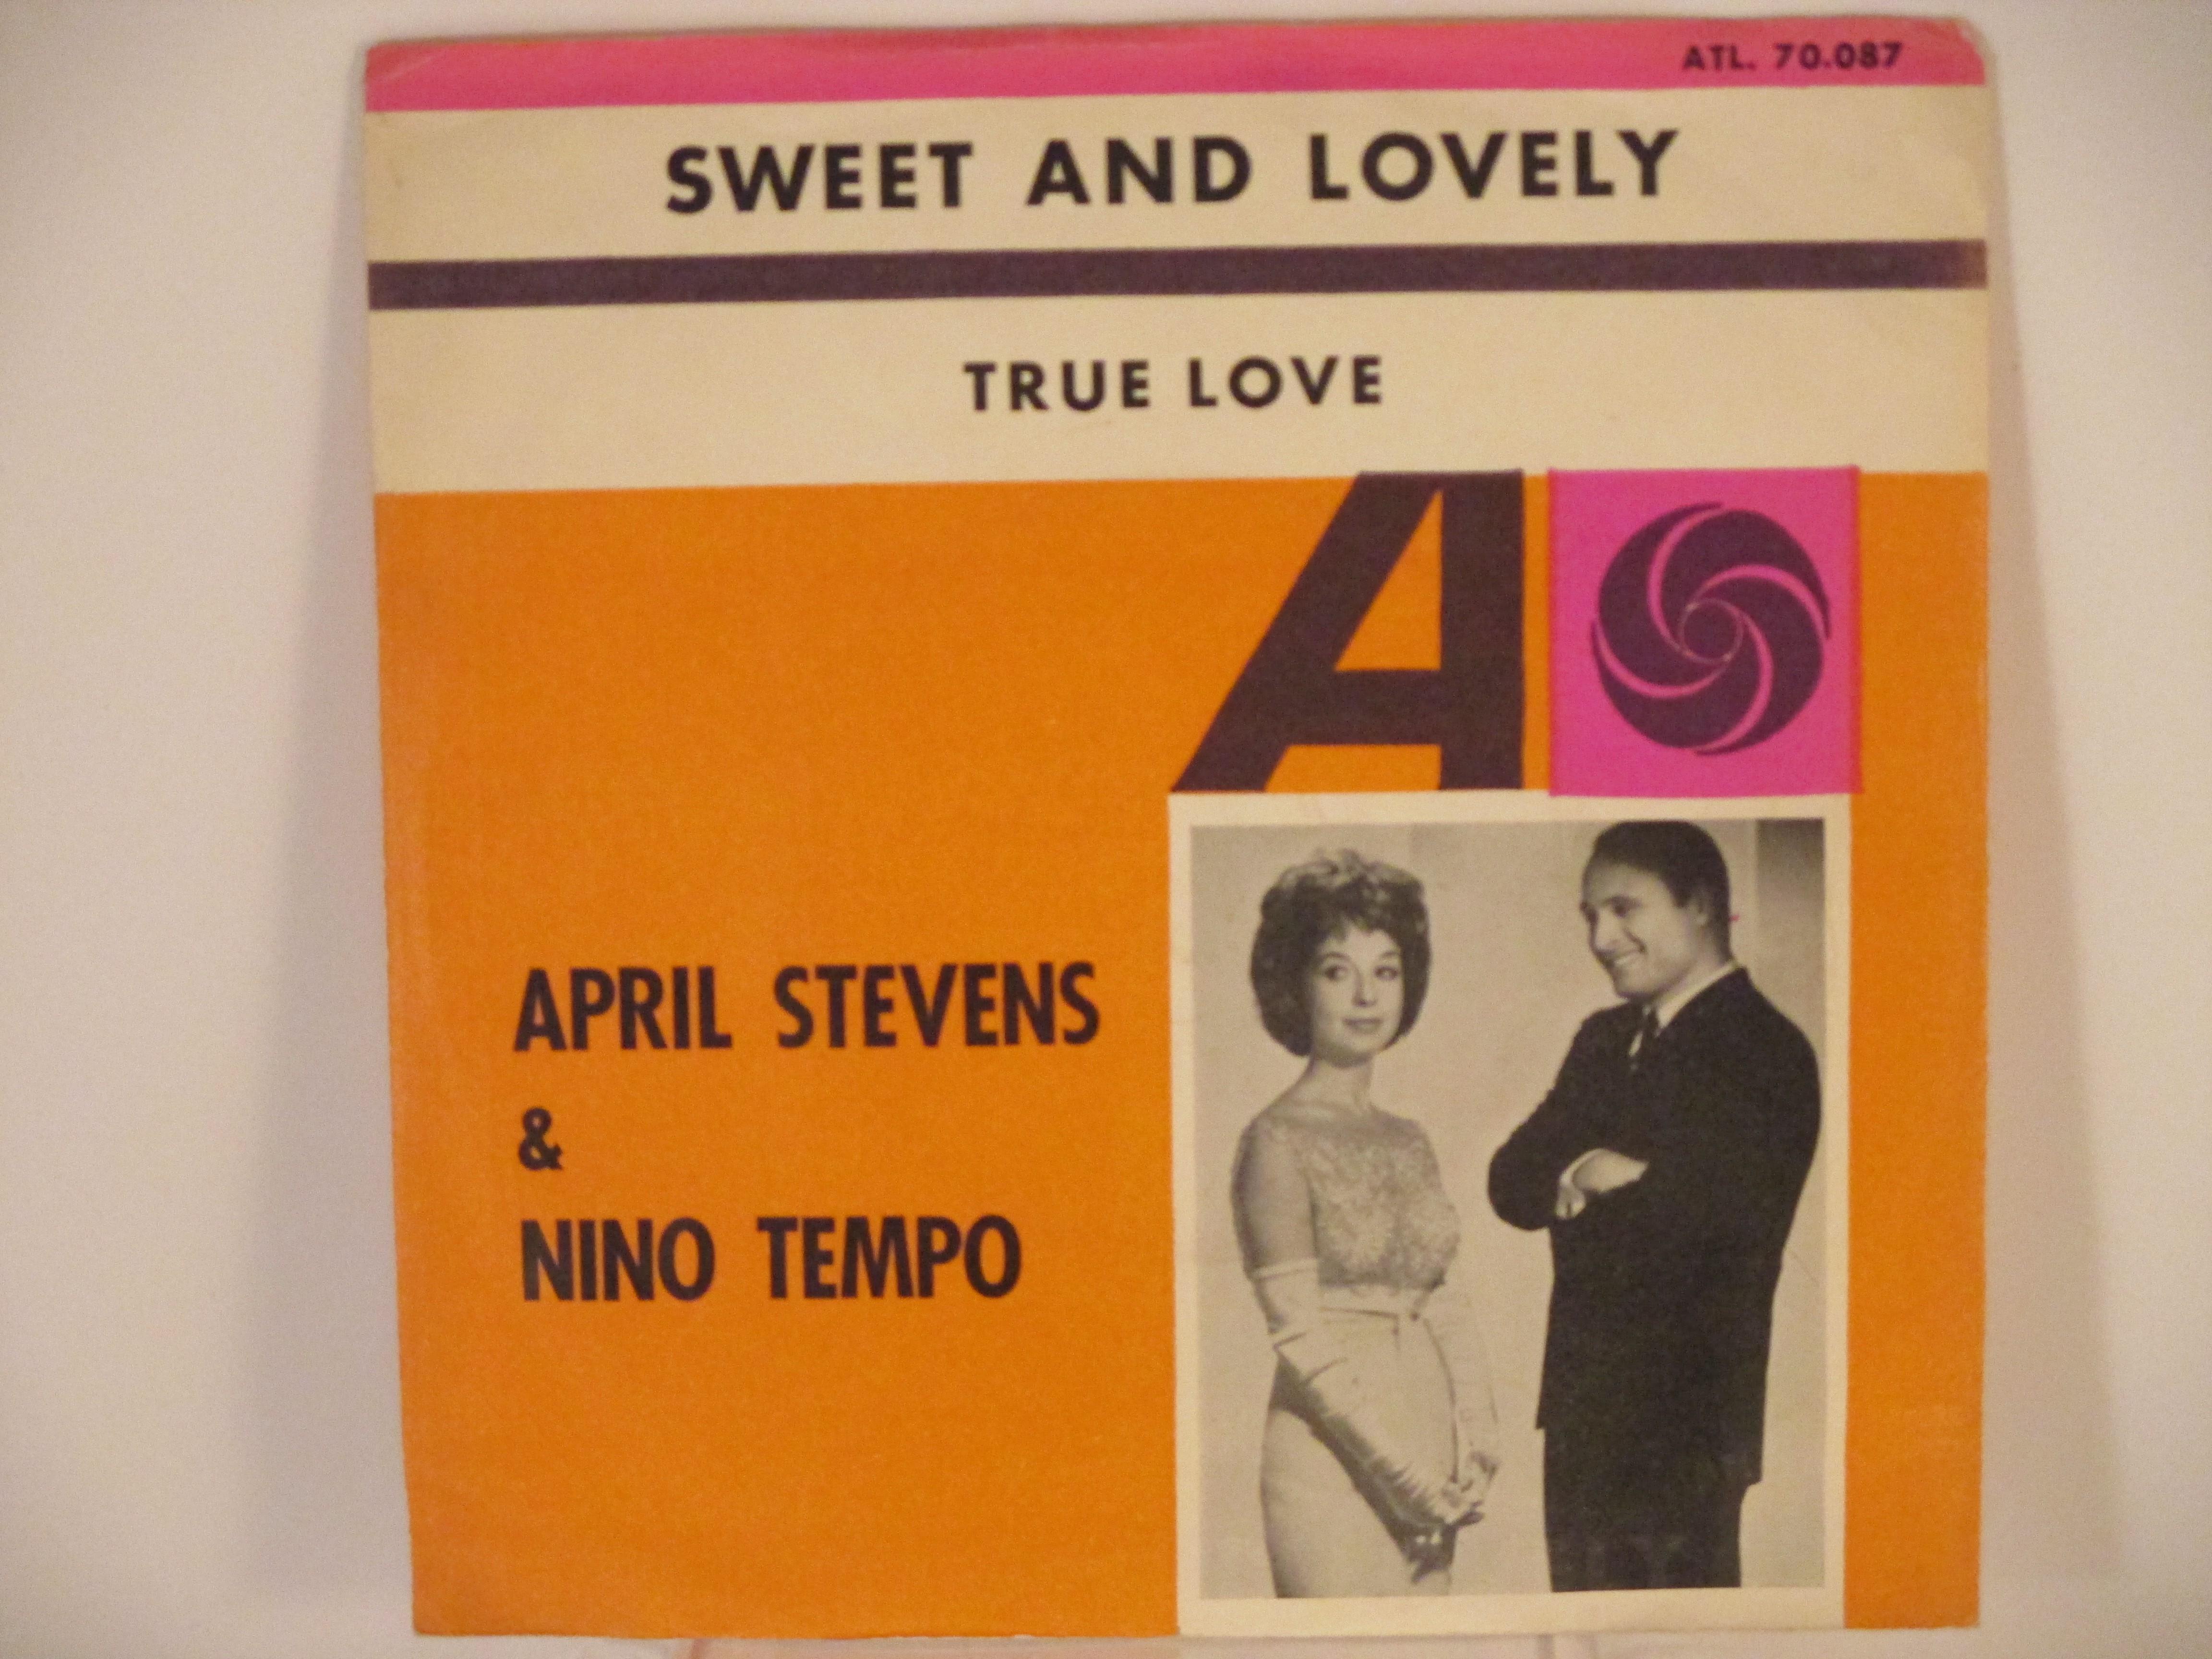 APRIL STEVENS & NINO TEMPO : Sweet and lovely / True love